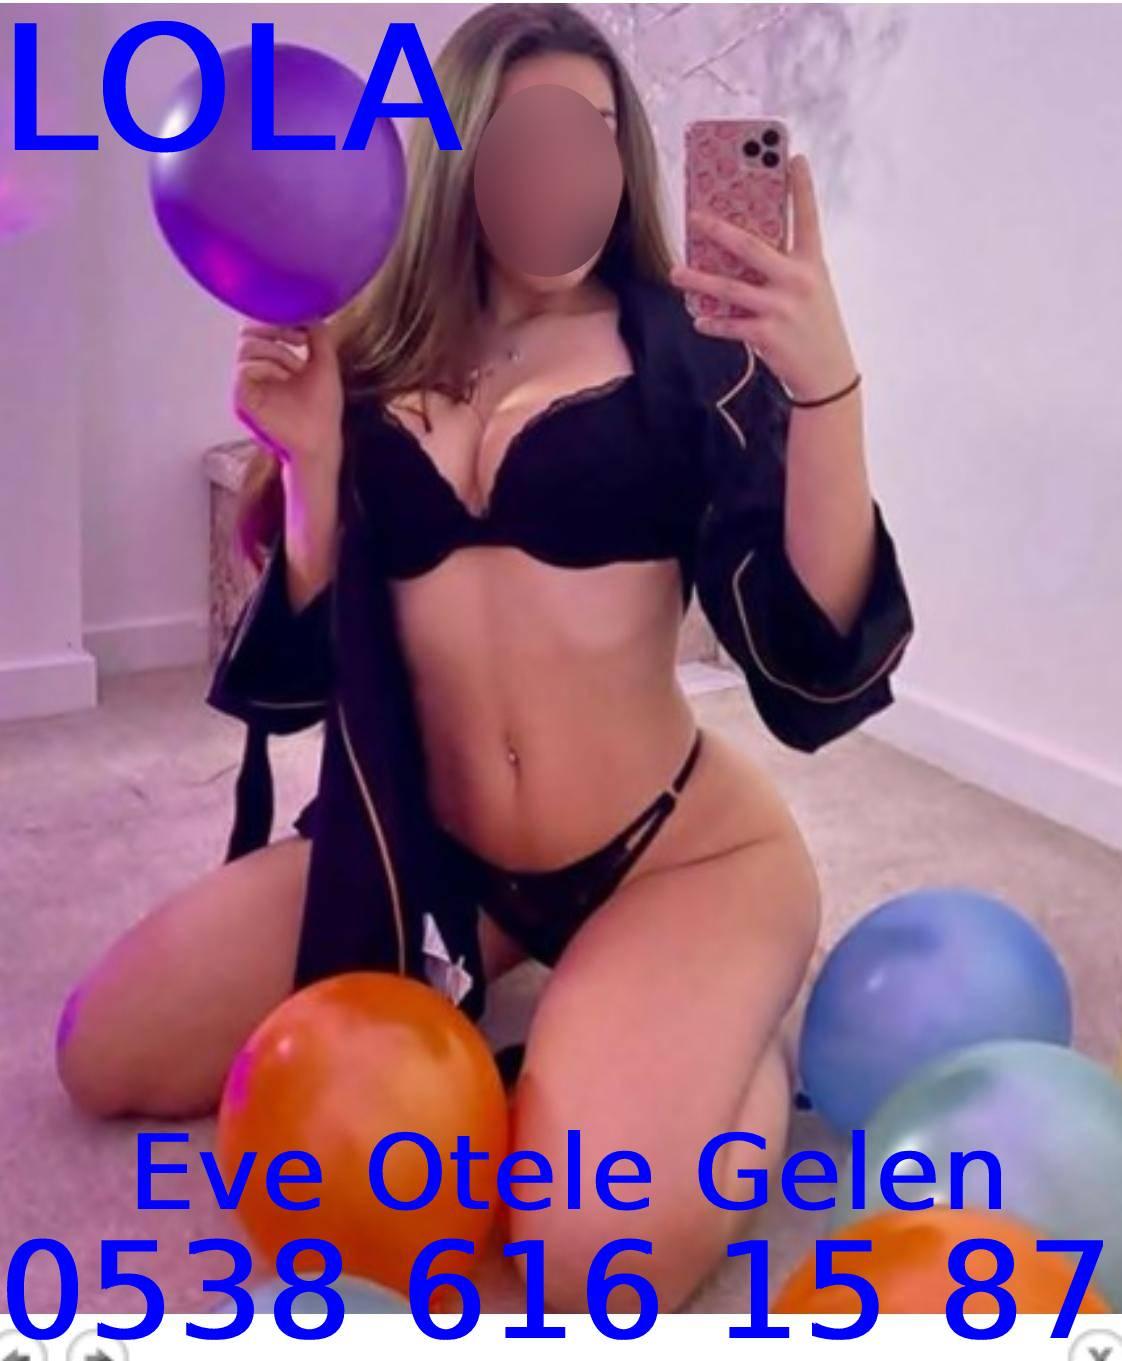 Ankara otele eve gelen escort Lola